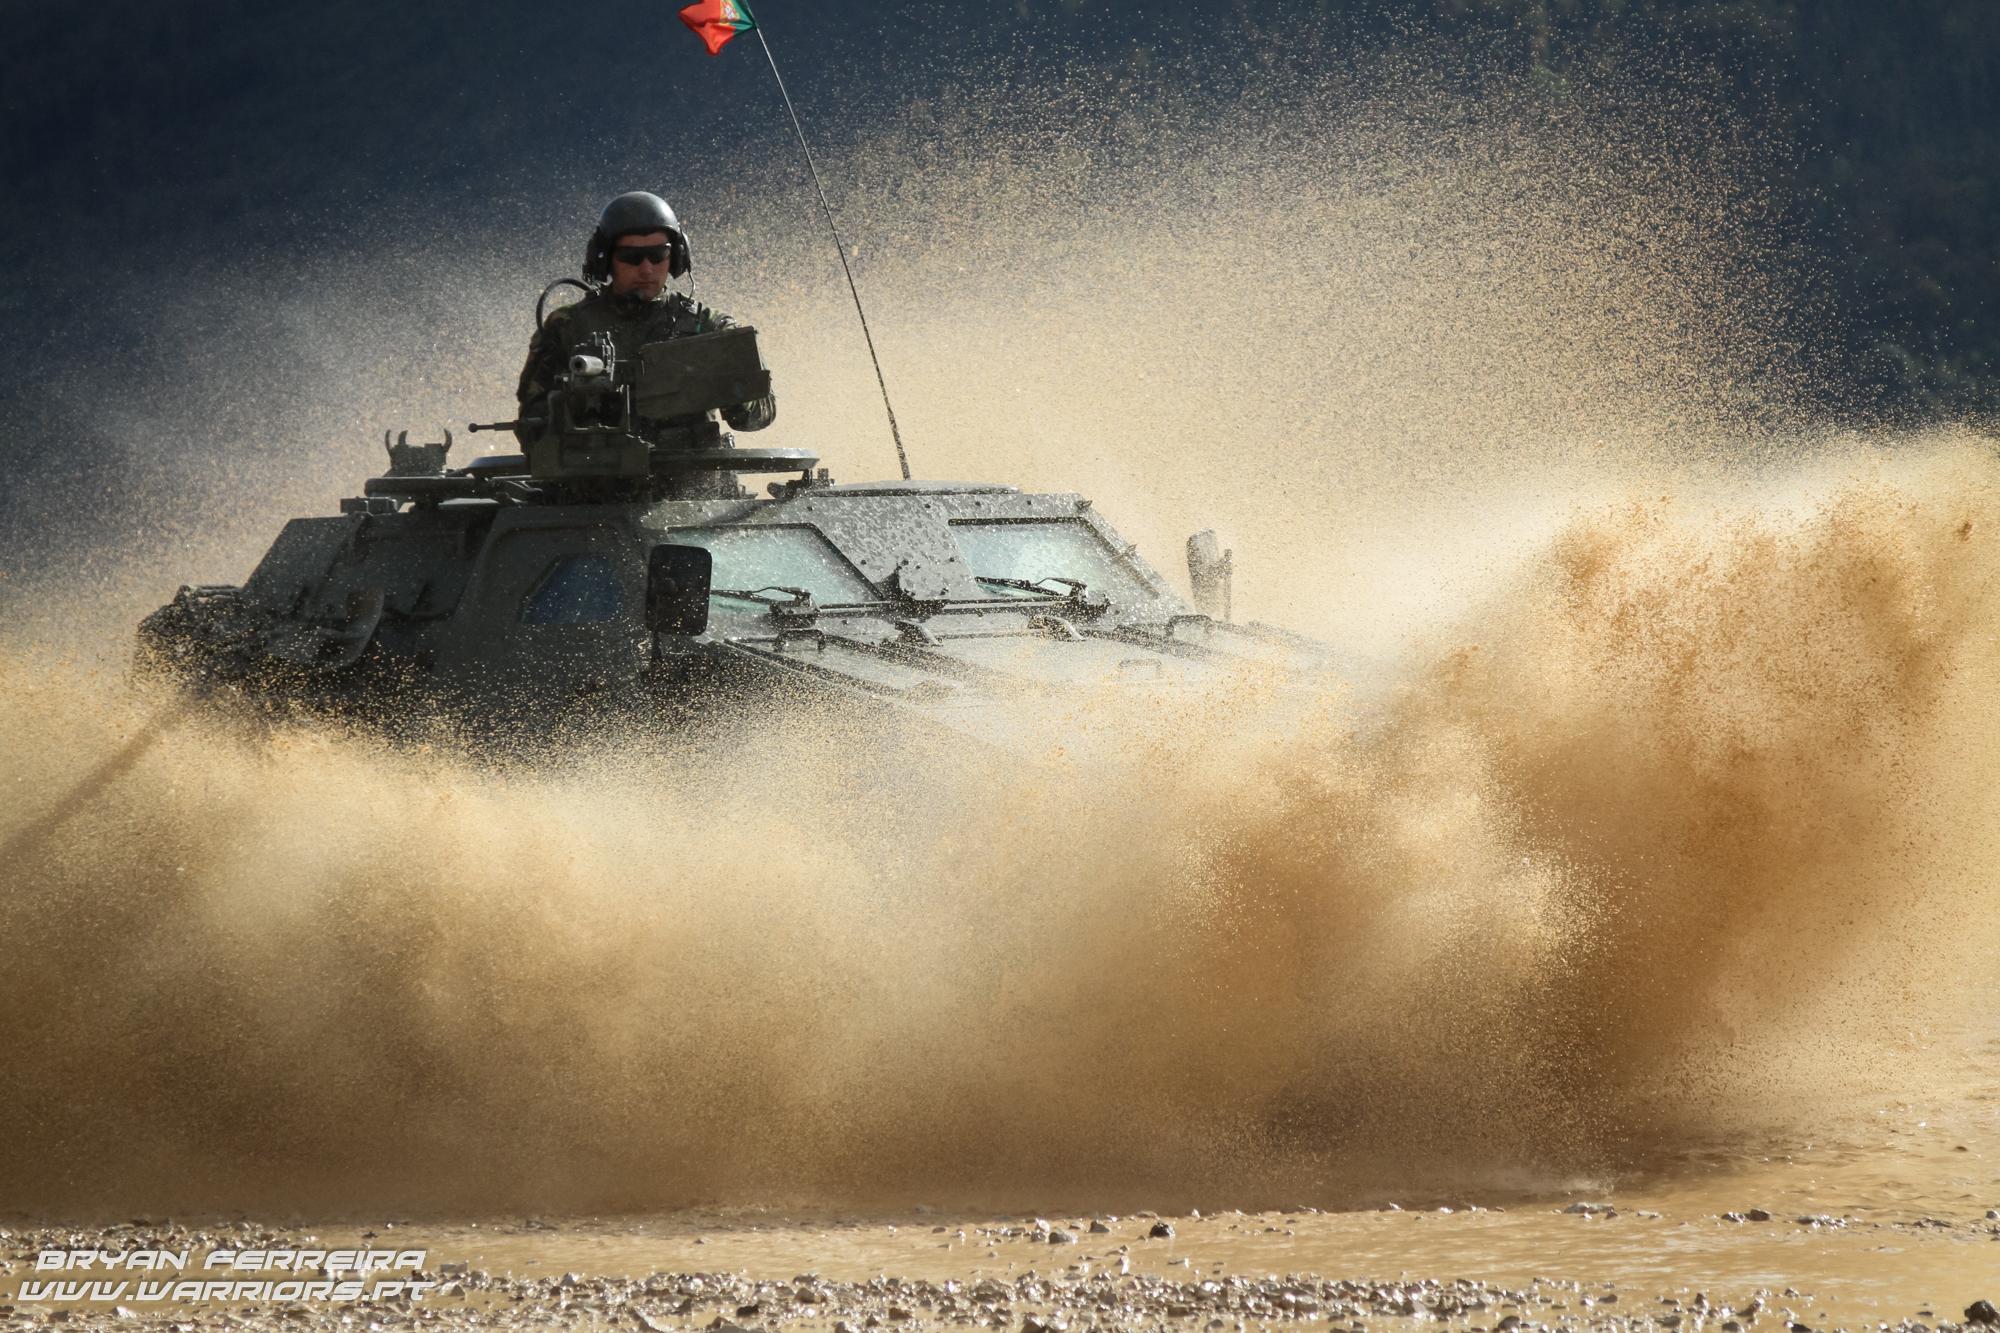 Uma M11 Panhard atribuida ao 2º Batalhão de Paraquedistas em missão da EUFOR/KFOR na Bosnia Herzegovina